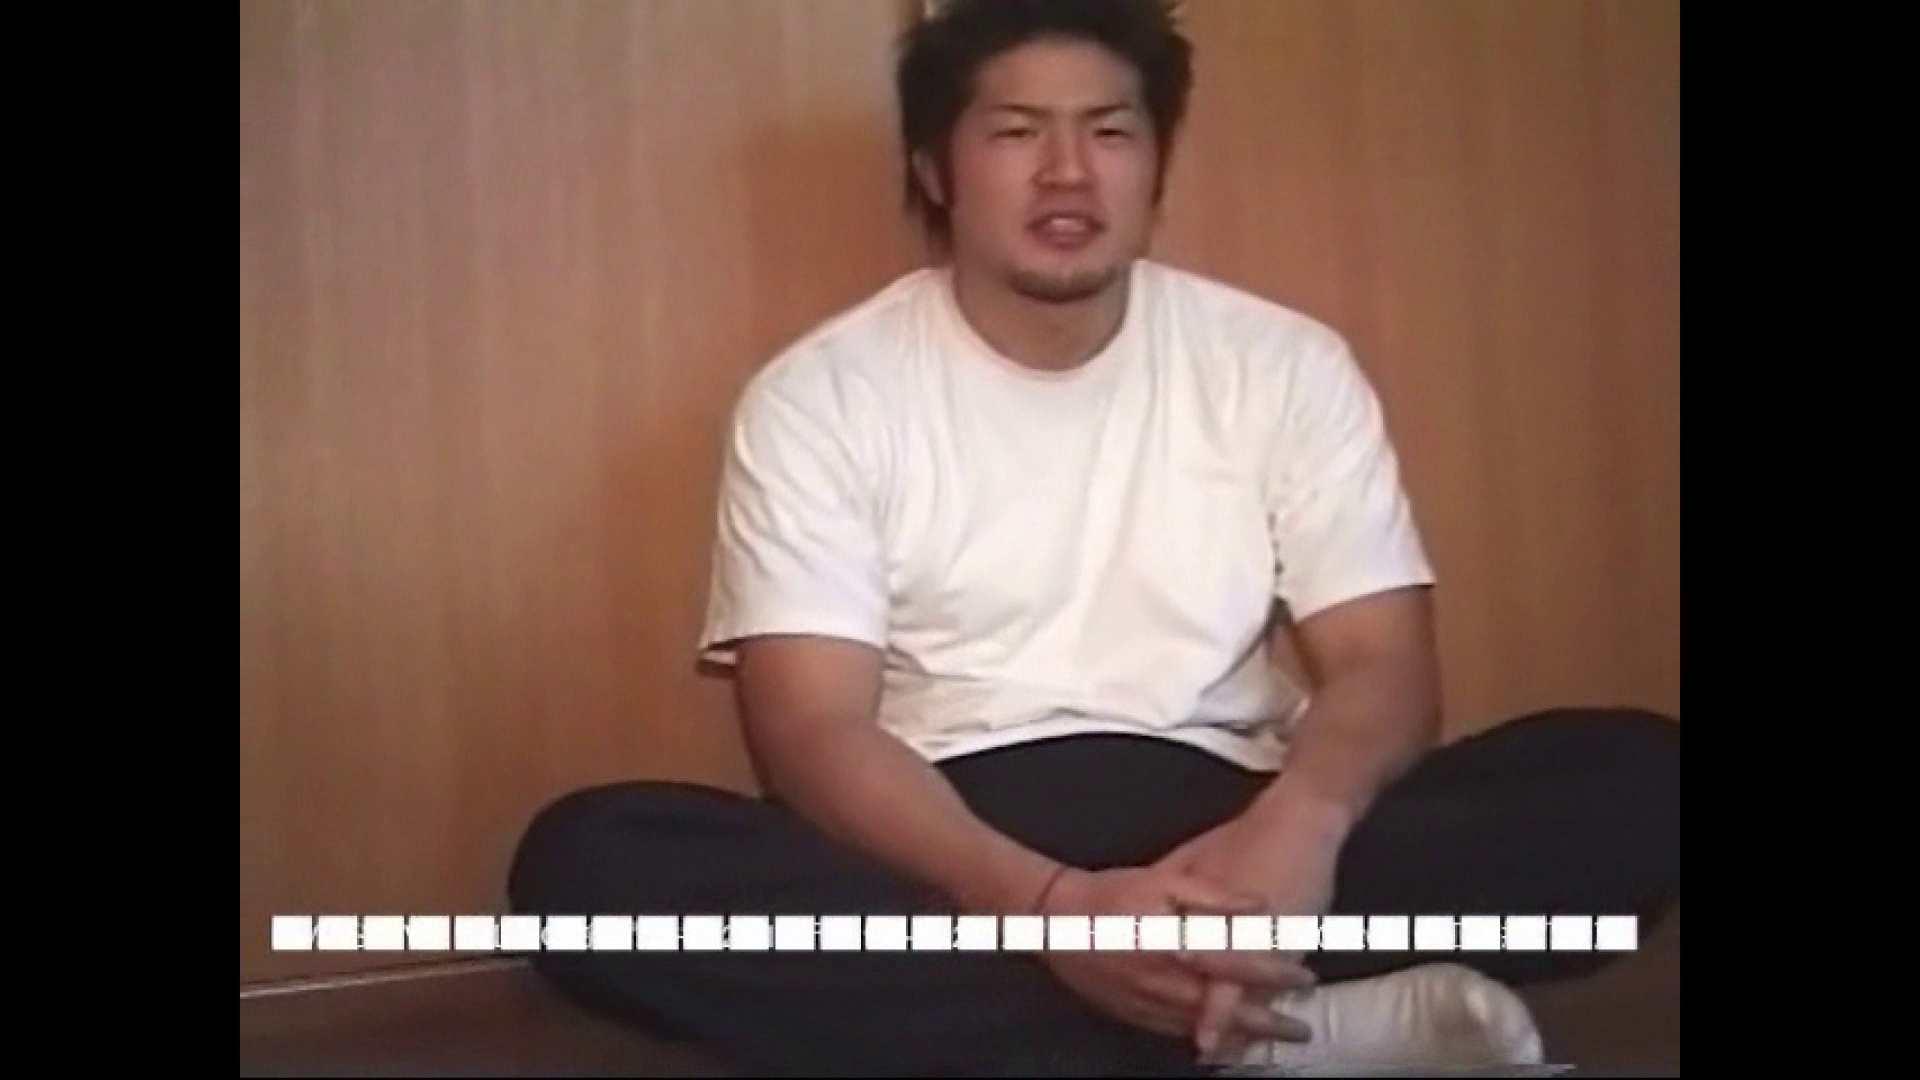 オナれ!集まれ!イケてるメンズ達!!File.20 人気シリーズ | ガチムチマッチョ系男子  76枚 1